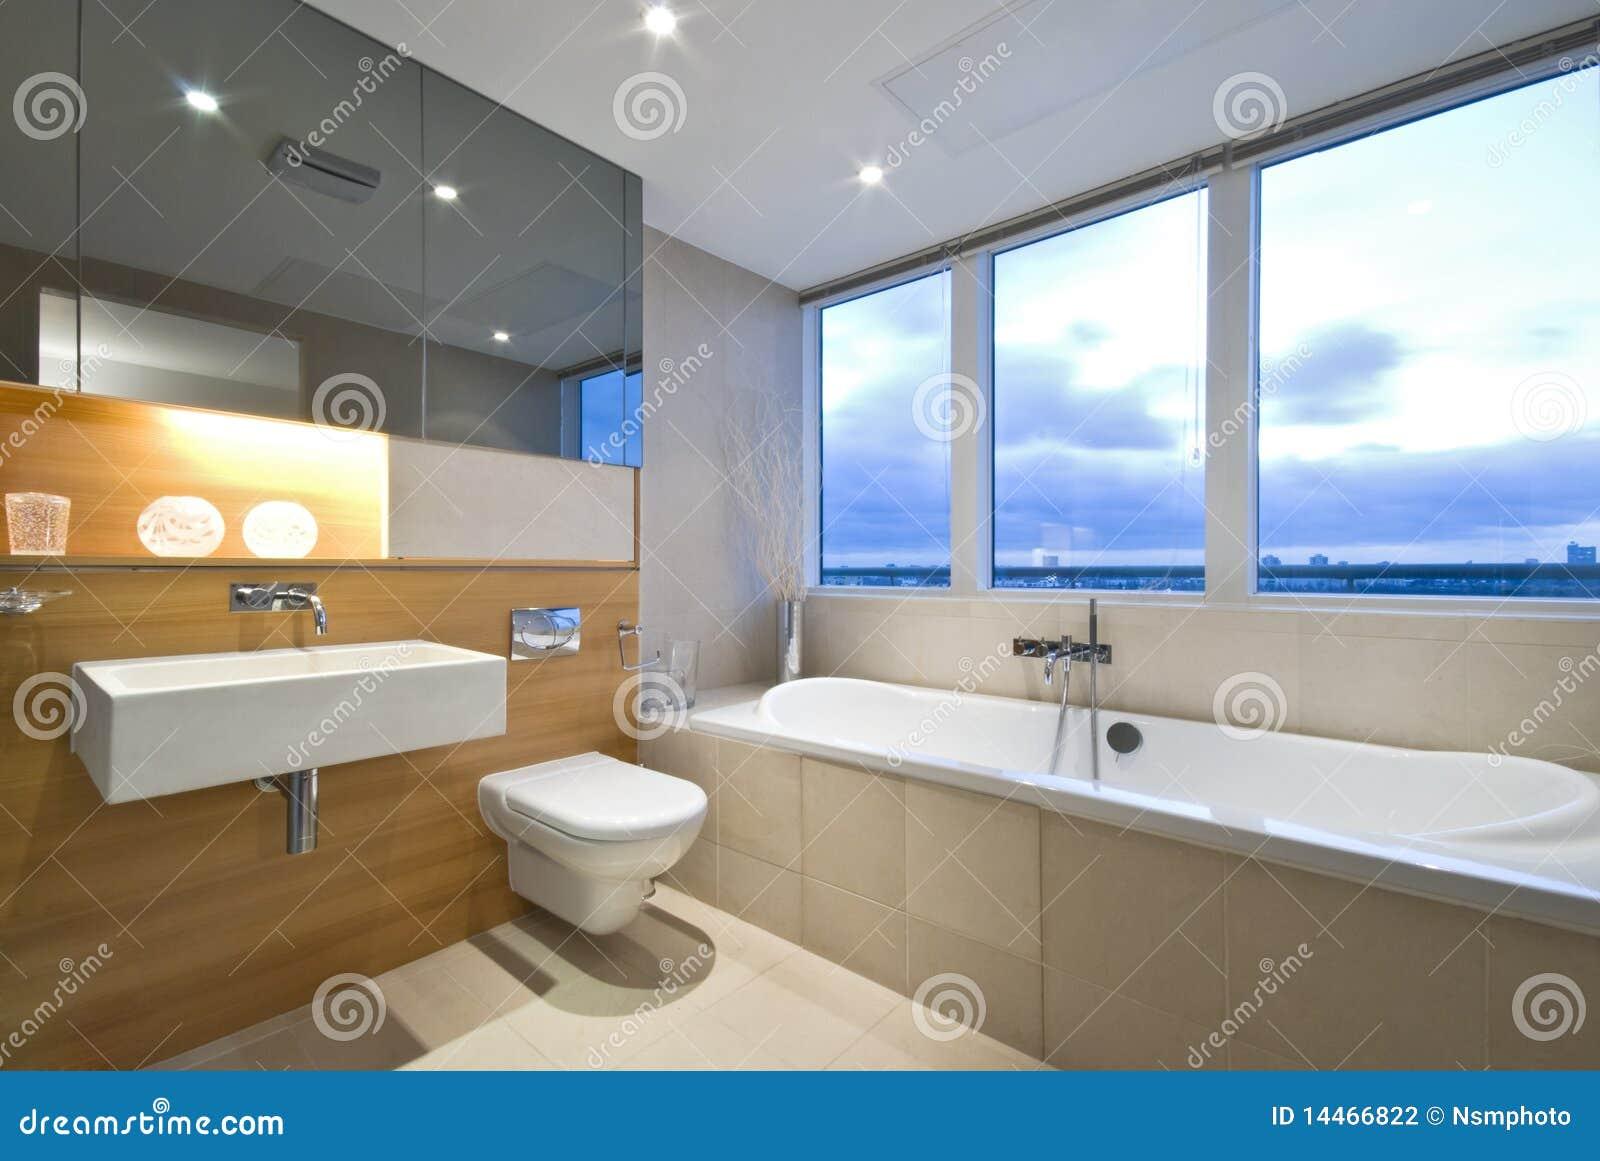 Cuarto de ba o moderno de la en habitaci n con la ventana for Cuarto bano moderno